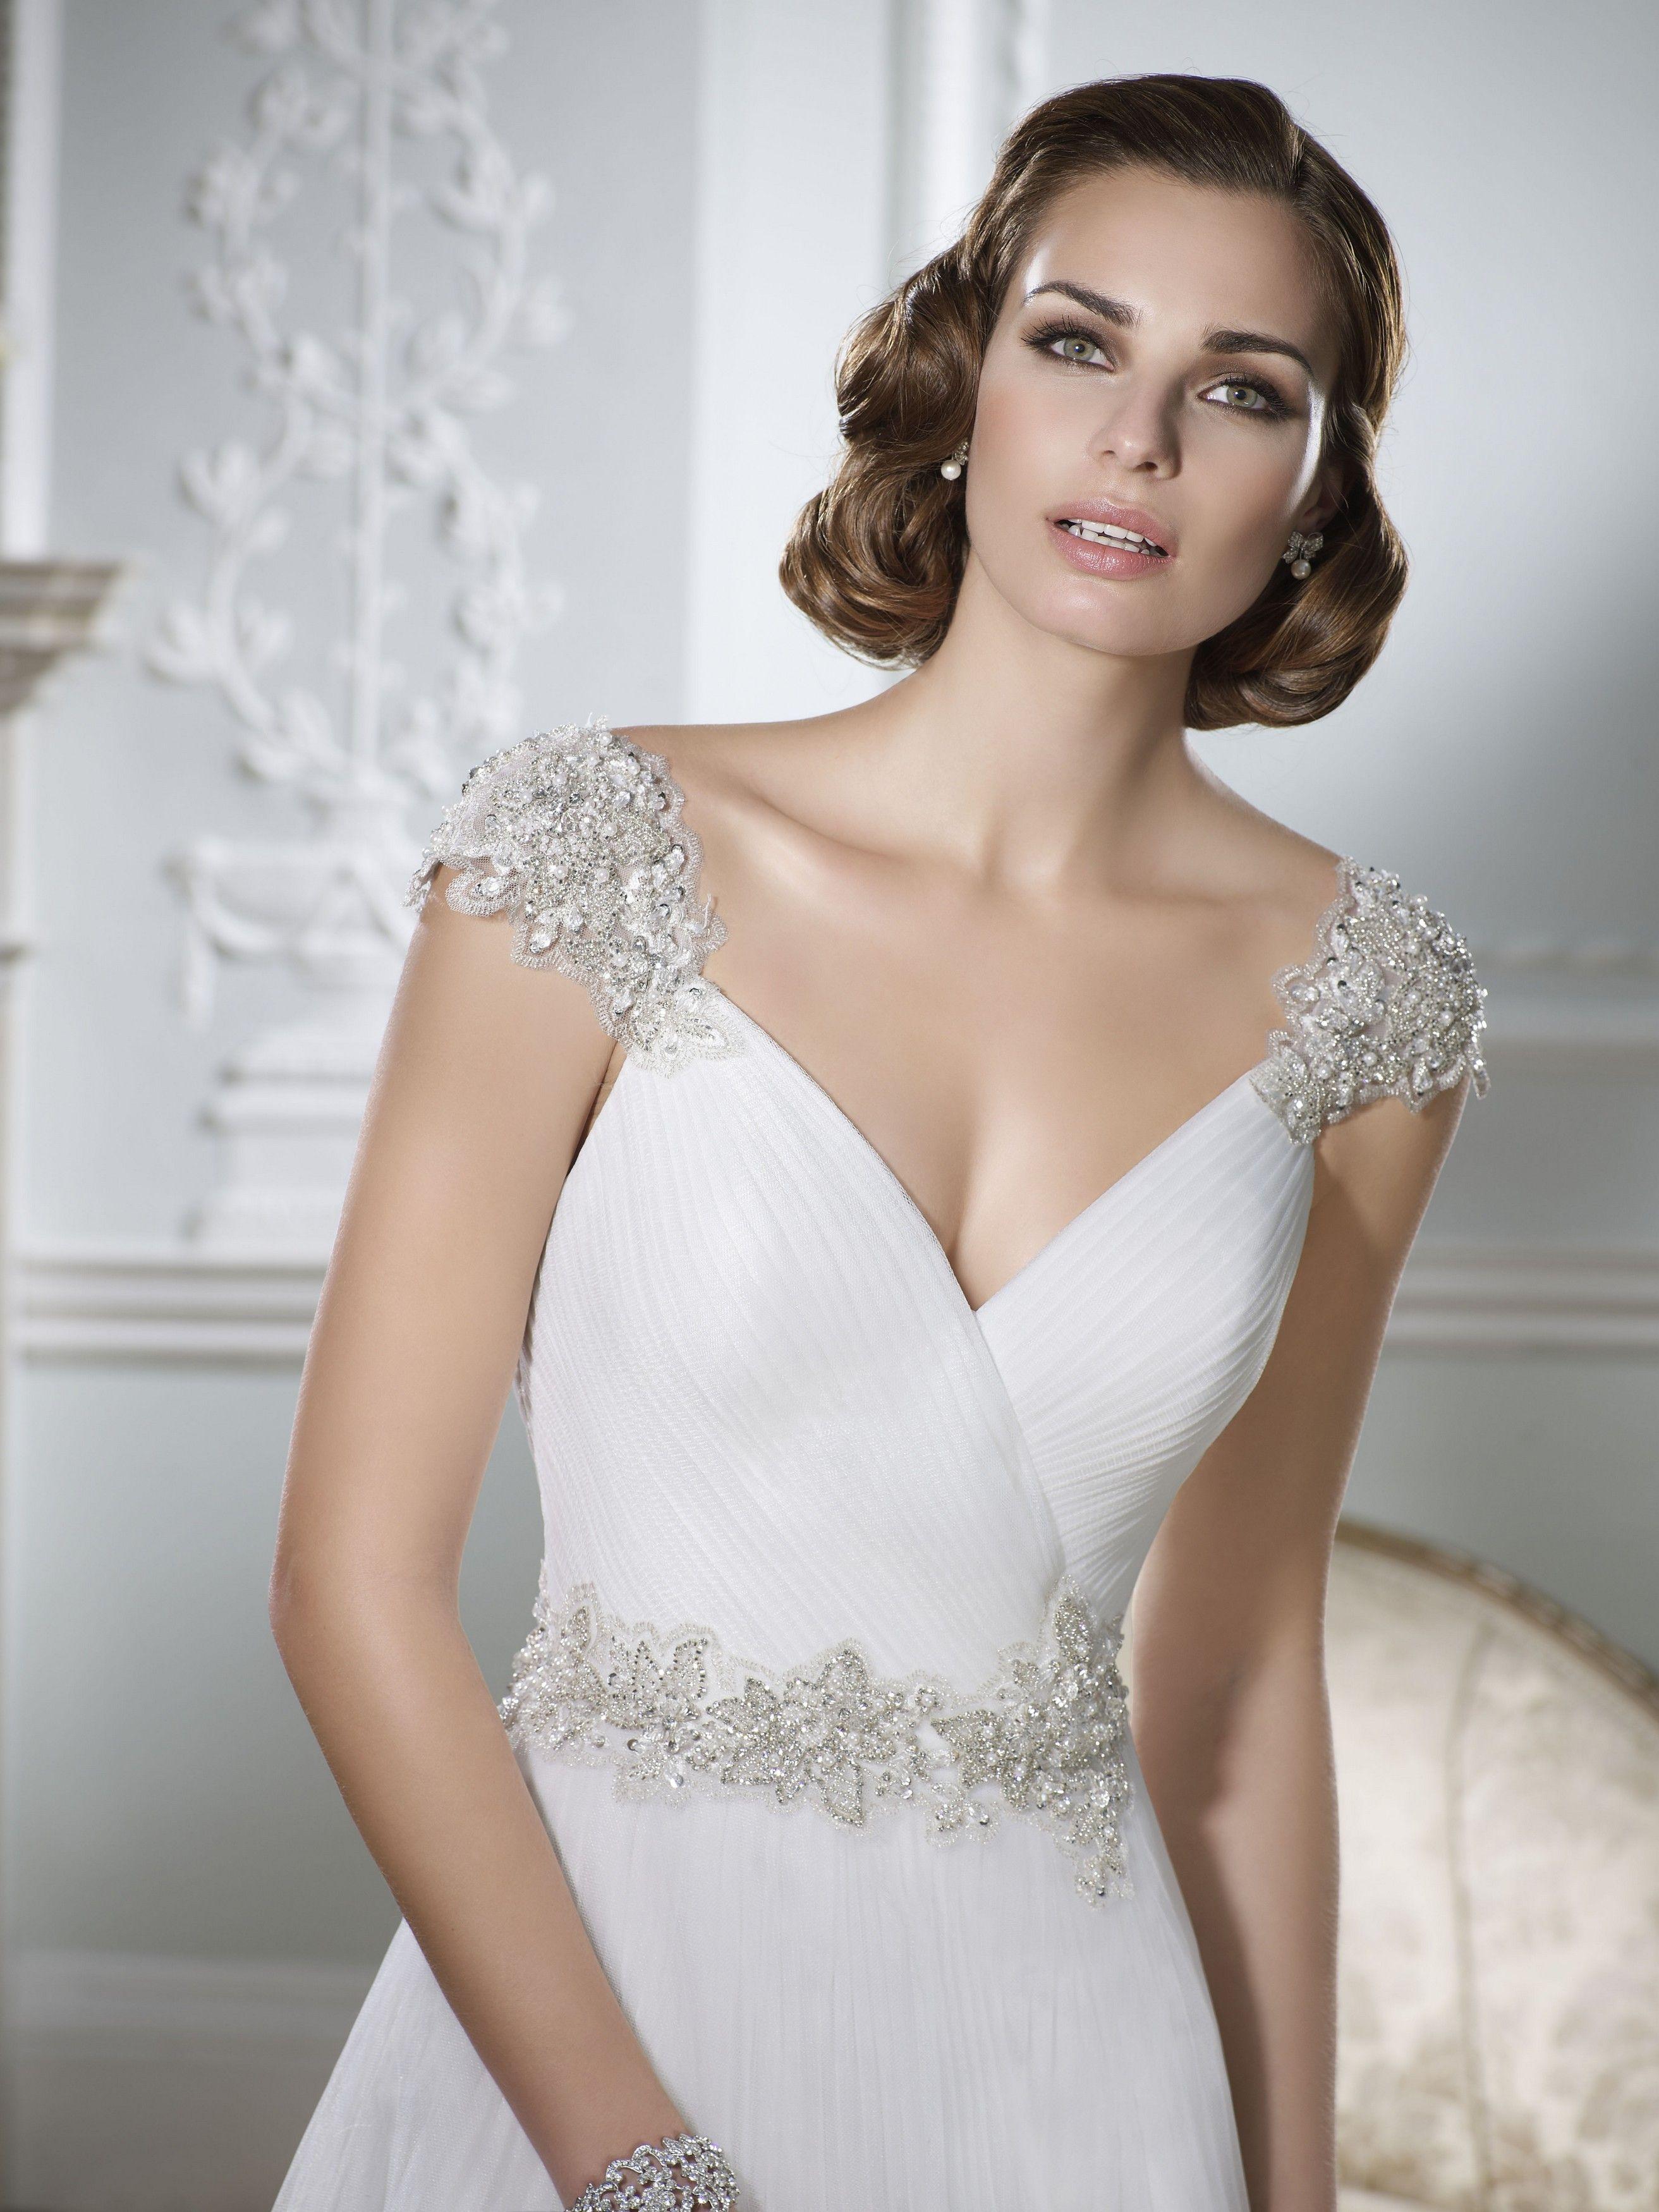 Georgina ronald joyce new wedding ideas pinterest ronald joyce